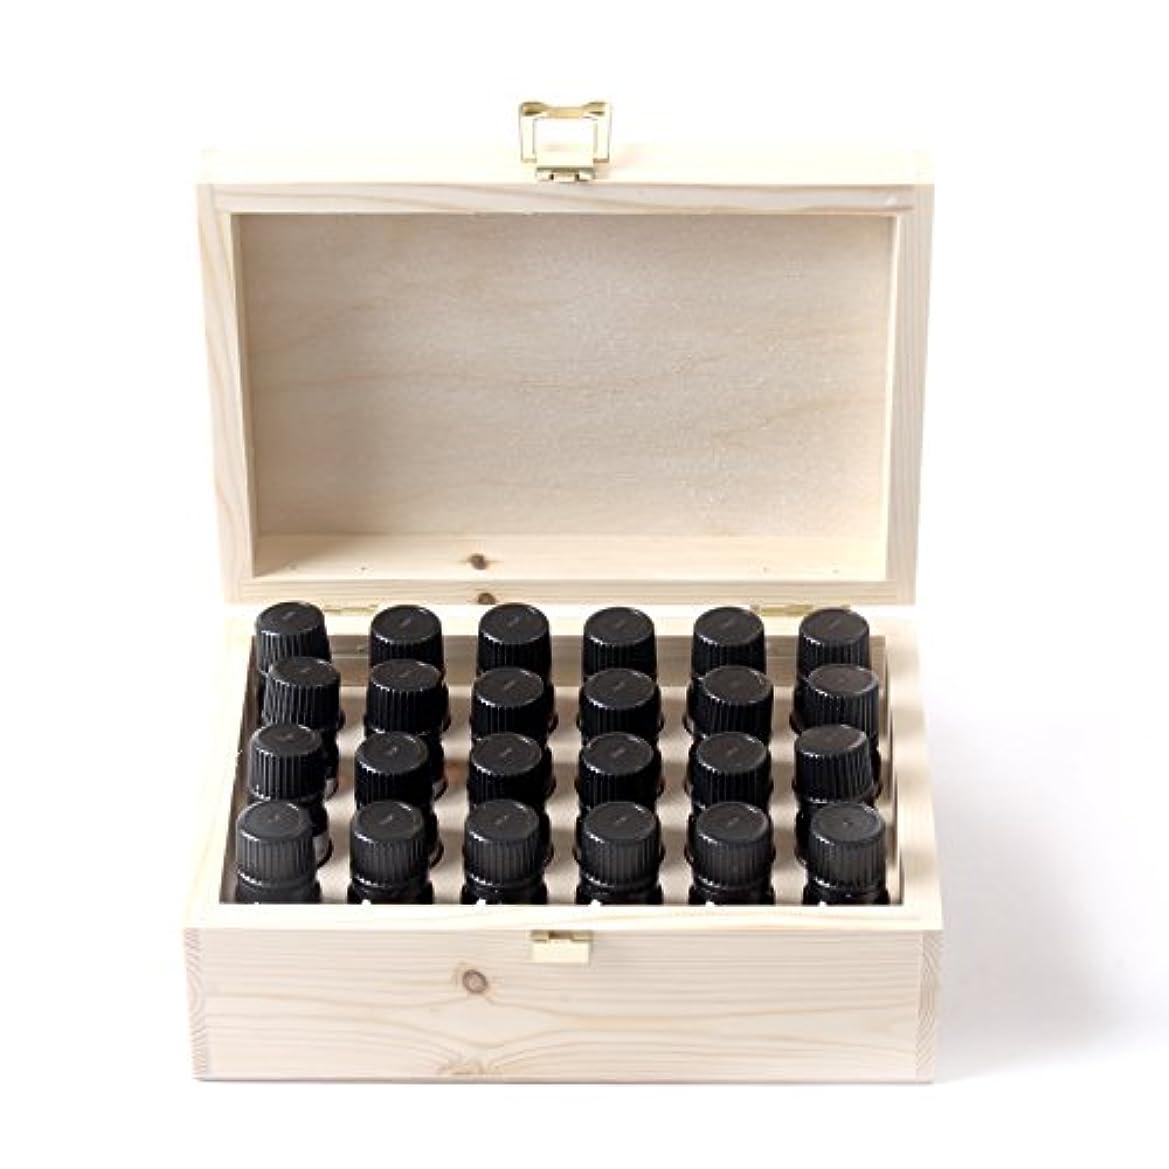 判決嵐の絶滅Mystic Moments   Essential Oil Starter Pack In Wooden Gift Box - 24 x 10ml - 100% Pure